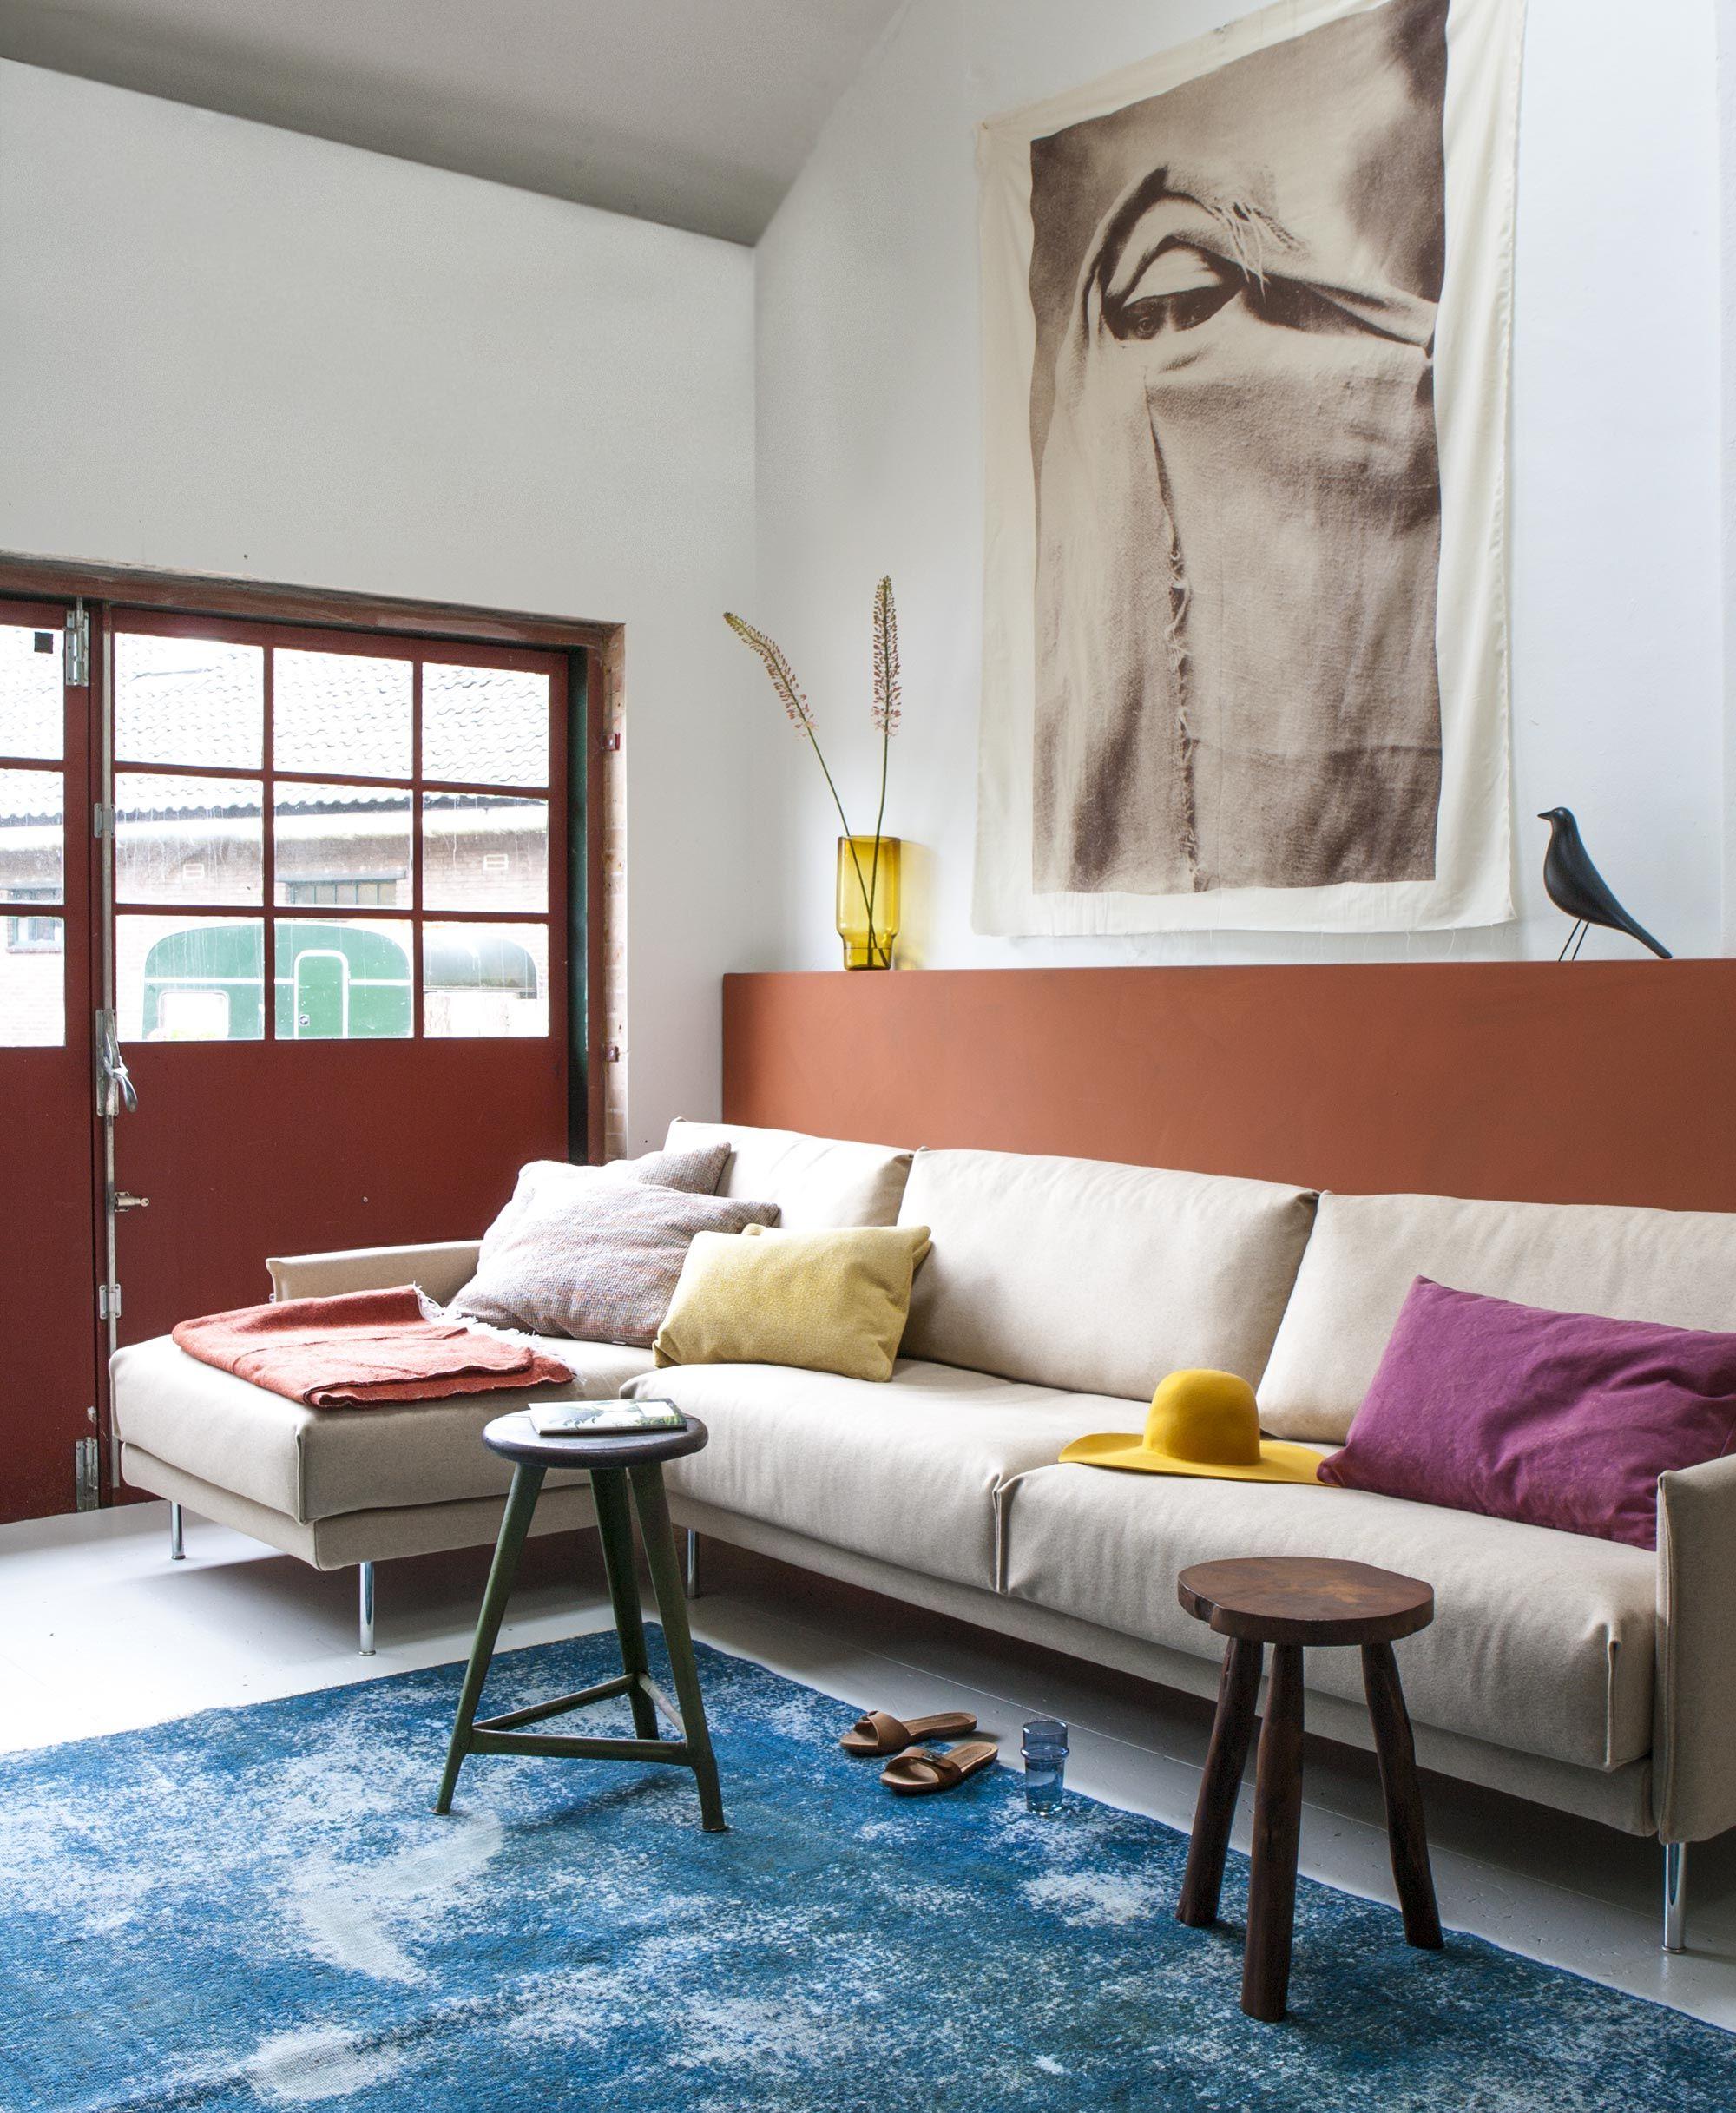 Warme en koele woonkamer Warm and cool living room